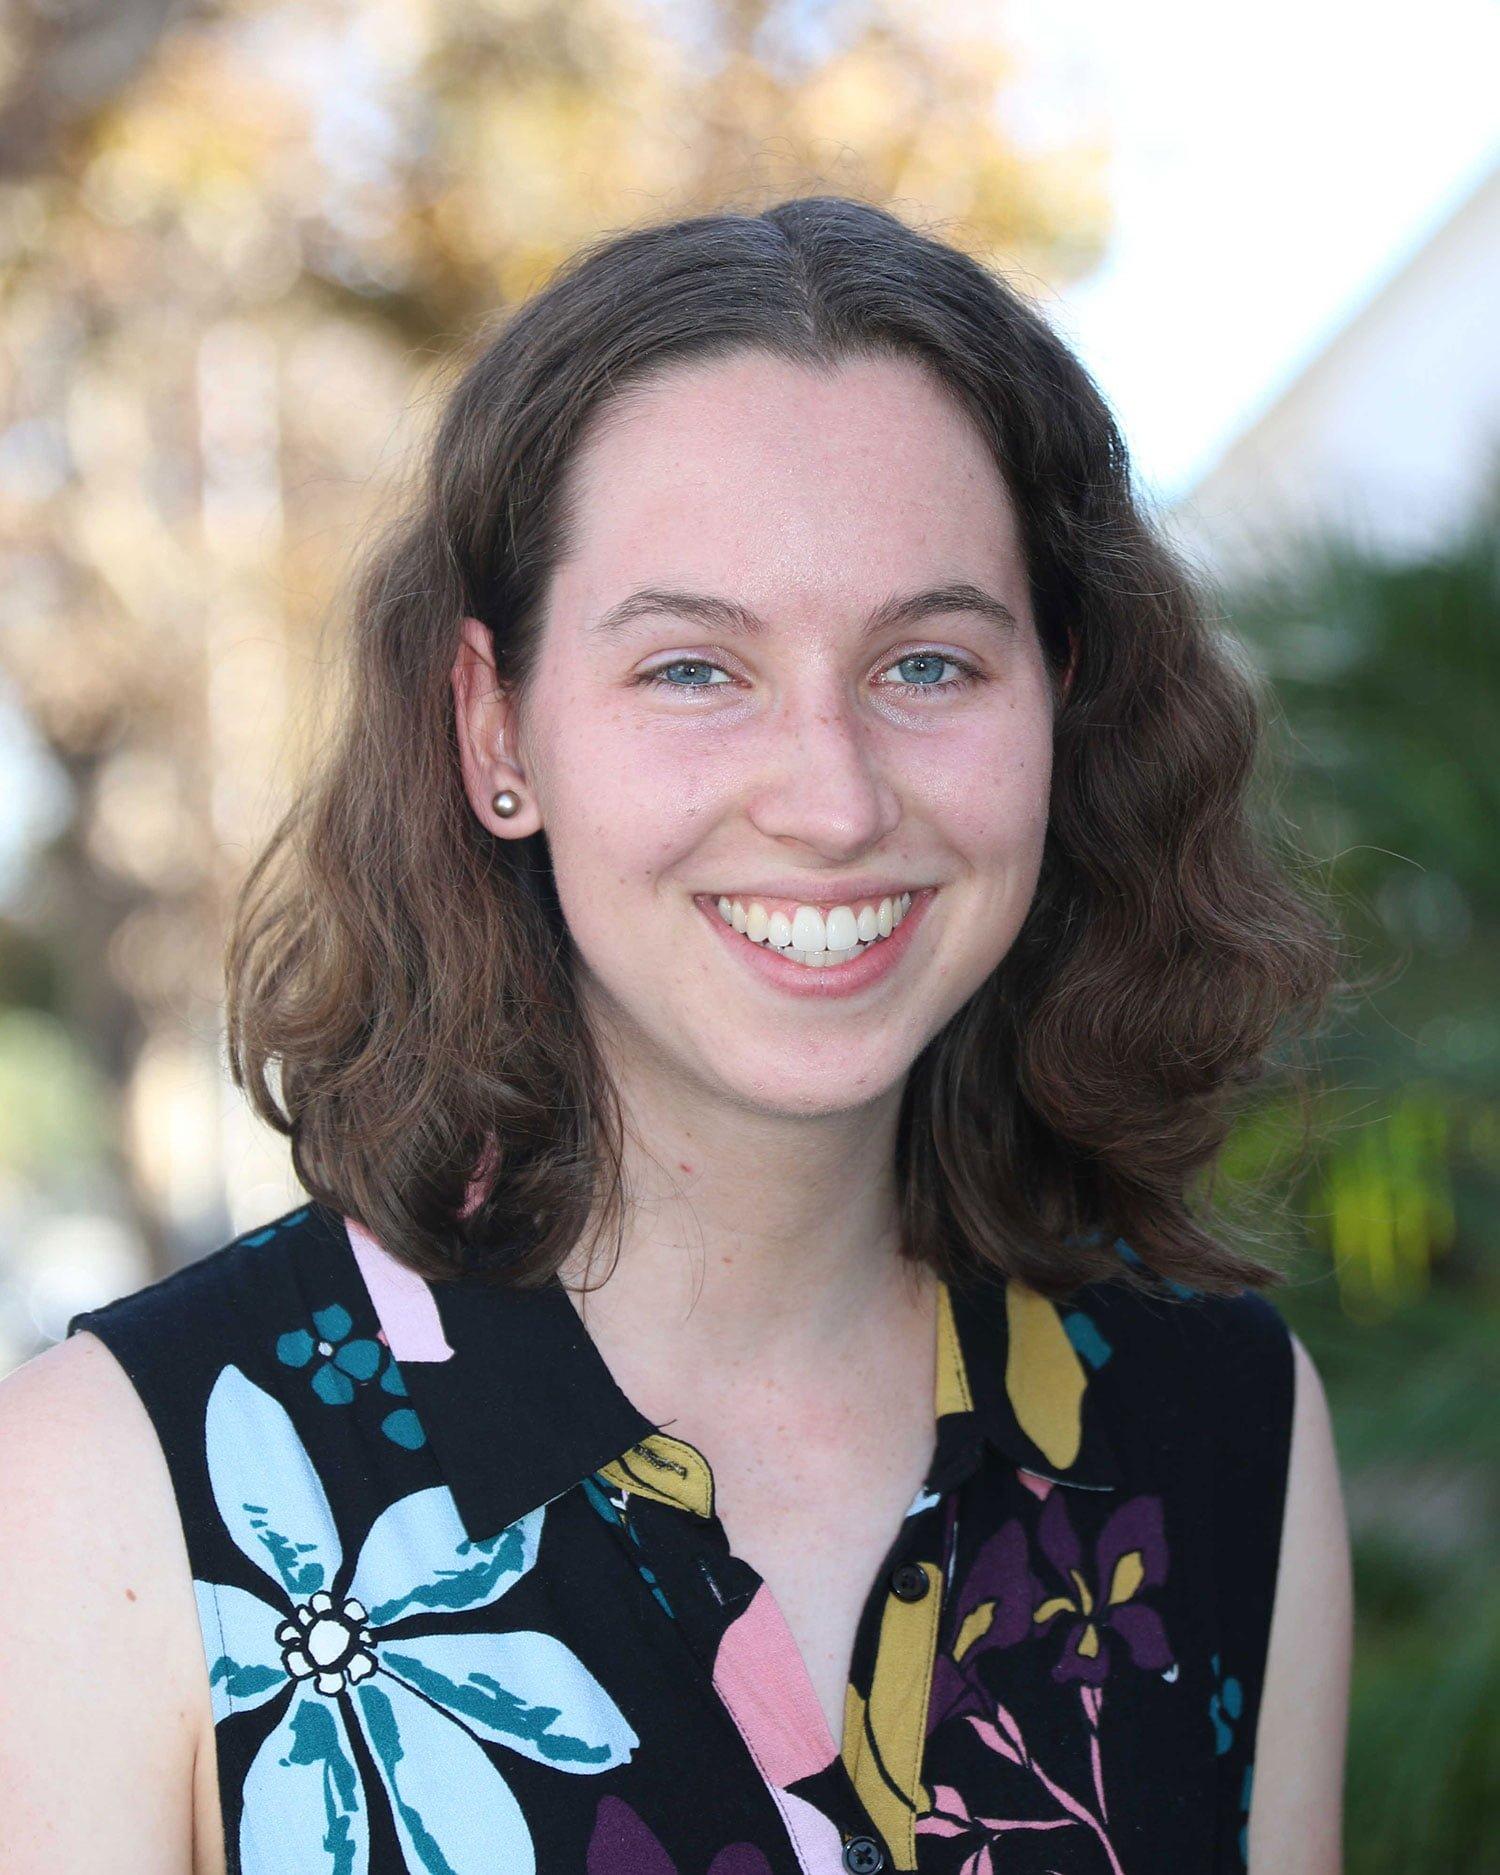 Maddie Weicht